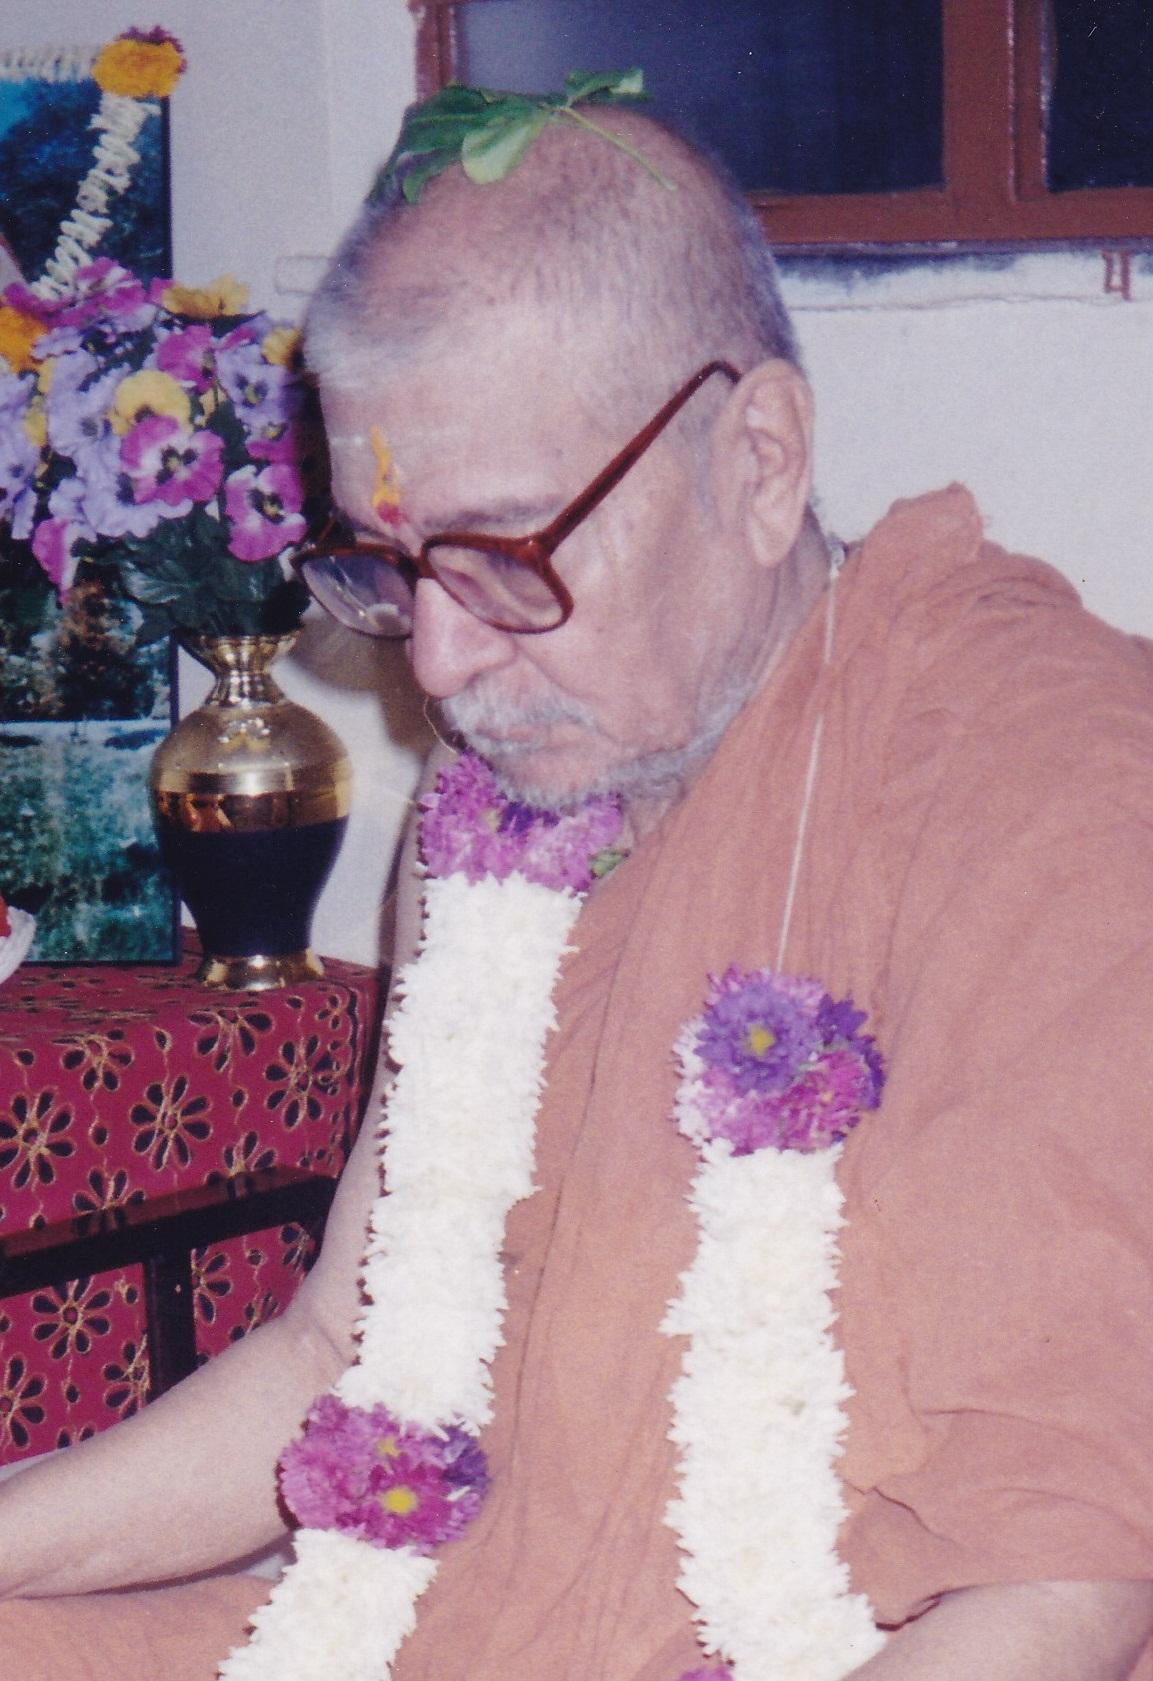 श्री नरसी मेहता कीर्तन – पू. स्वामी वरदानंद भारती